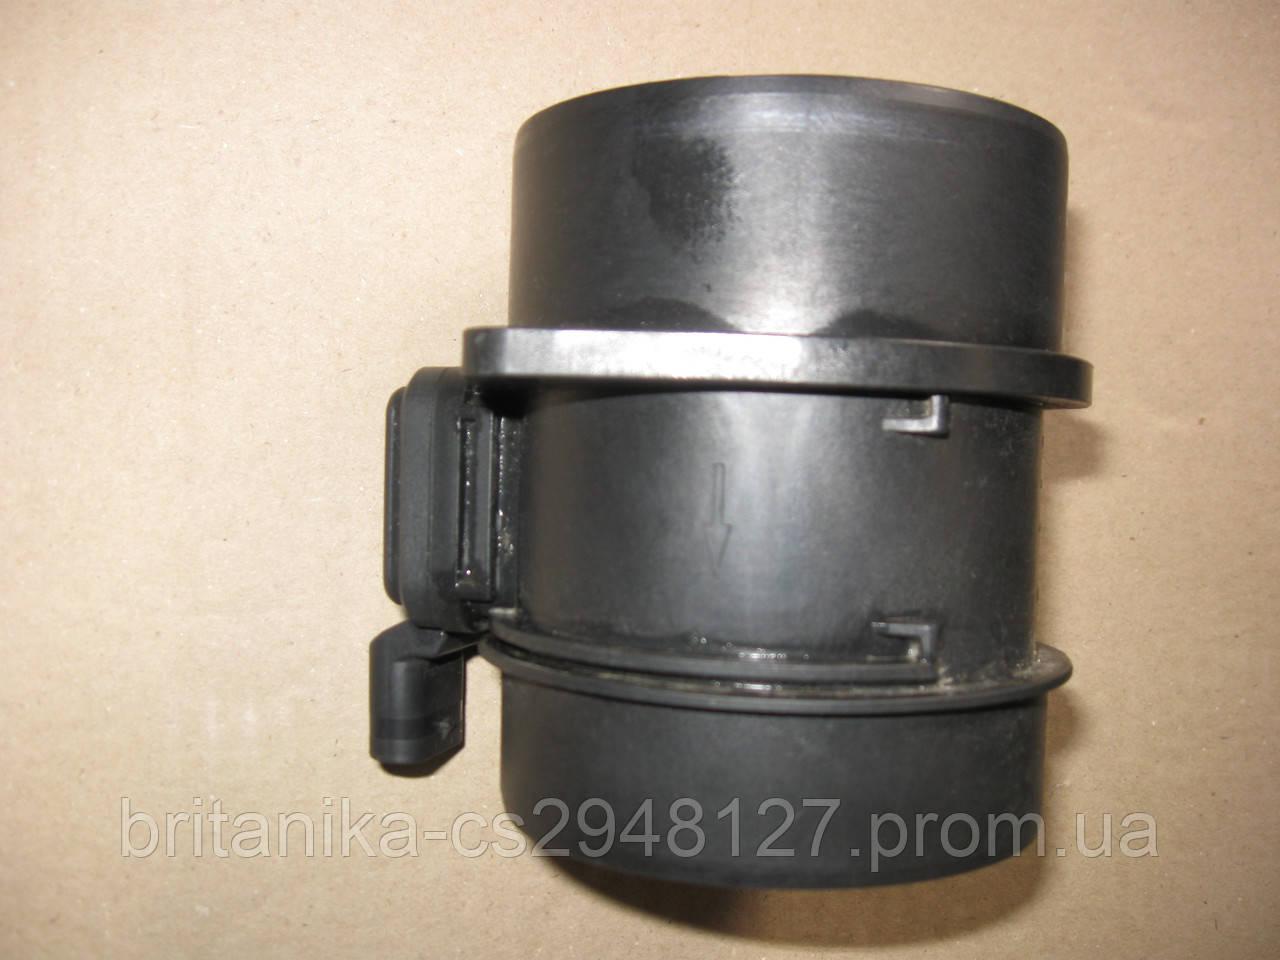 Расходомер воздуха Мерседес Спринтер 906 651 двигатель 2.2 cdi Sprinter бу